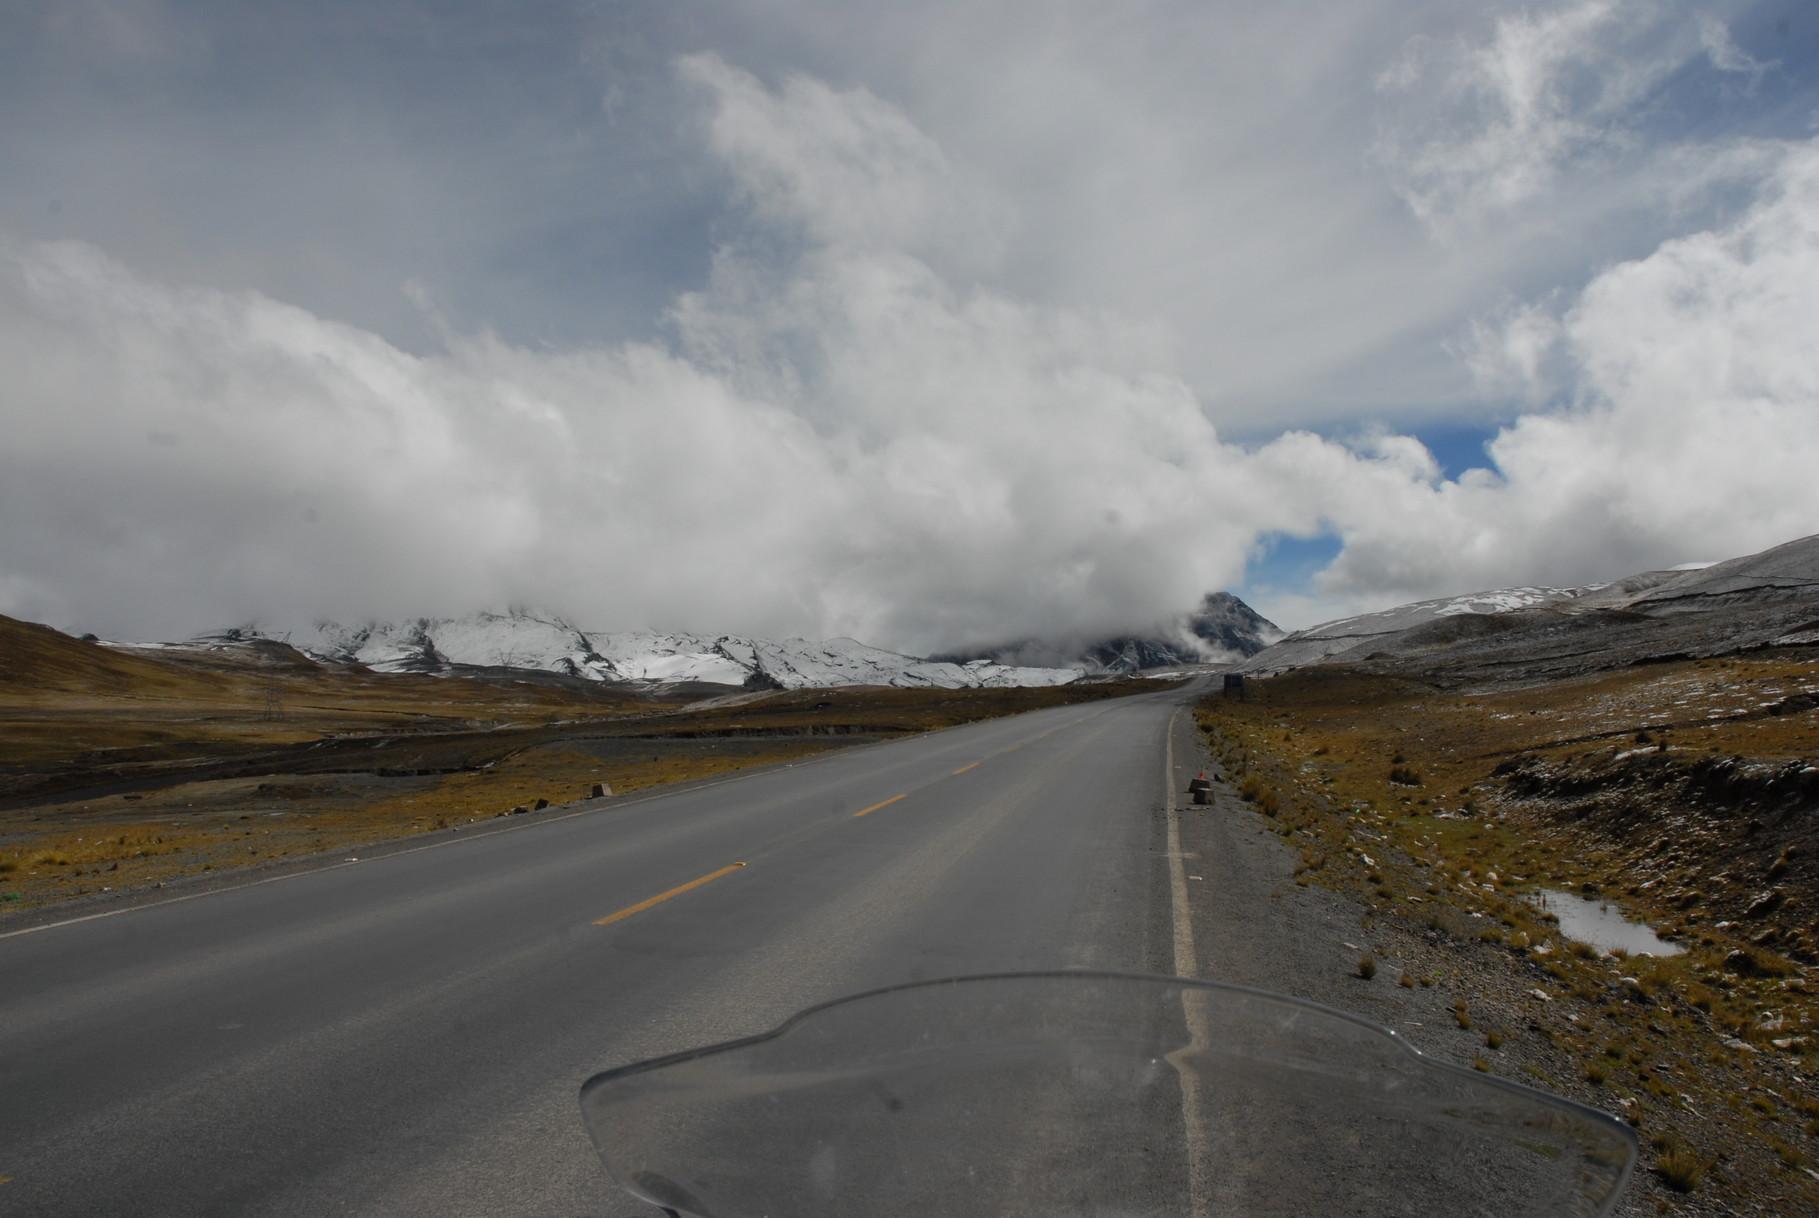 Auf der Anfahrt nach La Paz